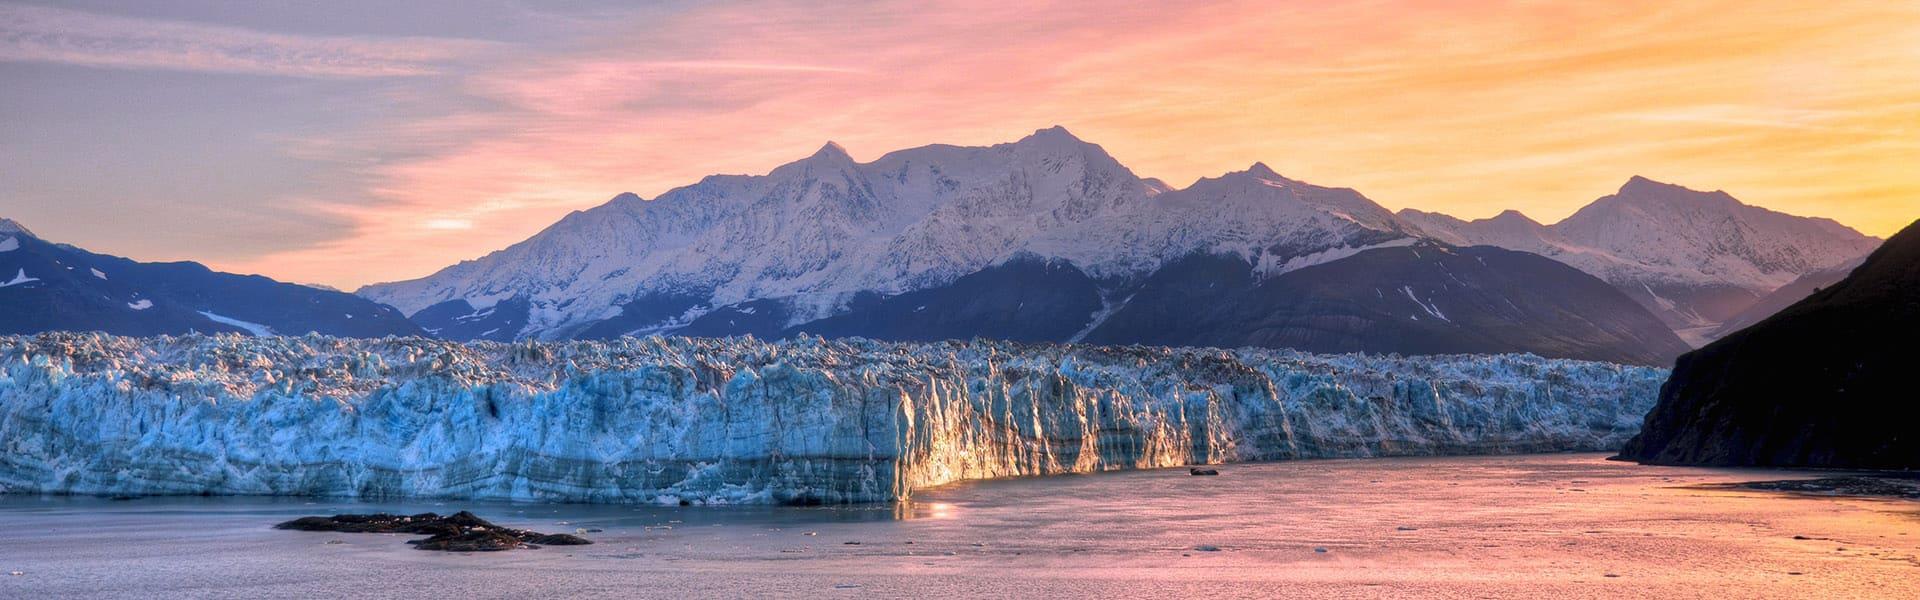 Alaska: Bahía de los Glaciares, Skagway y Juneau aSeward